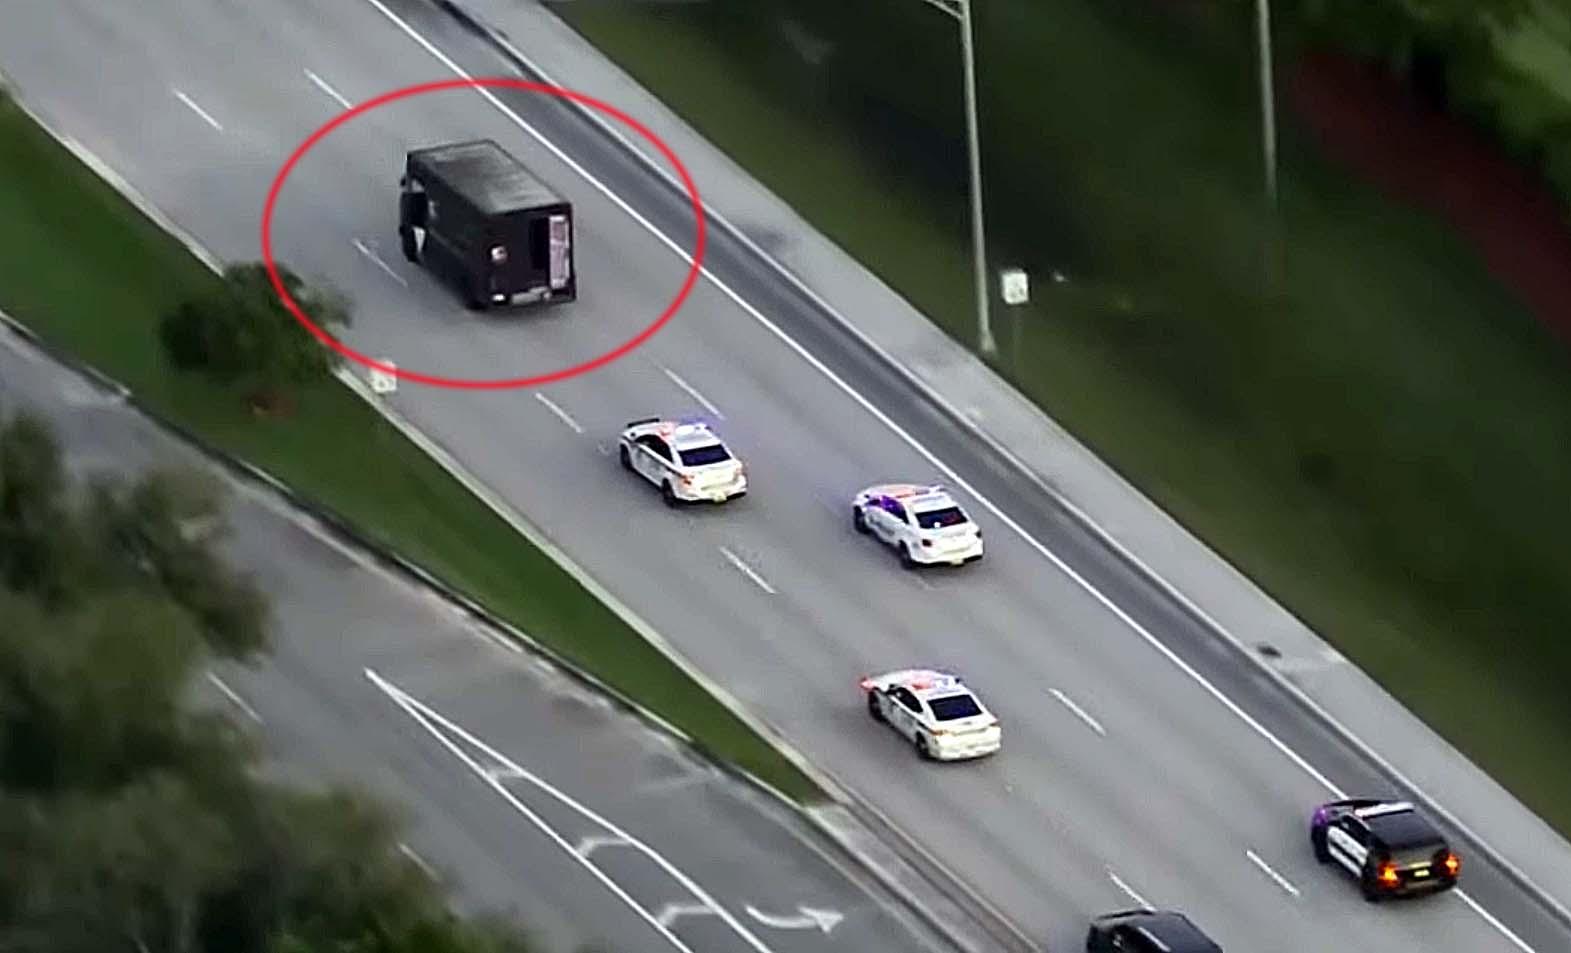 미 플로리다주에서 5일(현지시간) 경찰차들이 UPS 트럭(원안)을 탈취한 보석상 강도를 추격하고 있다.[사진 10news 유튜브 캡처]